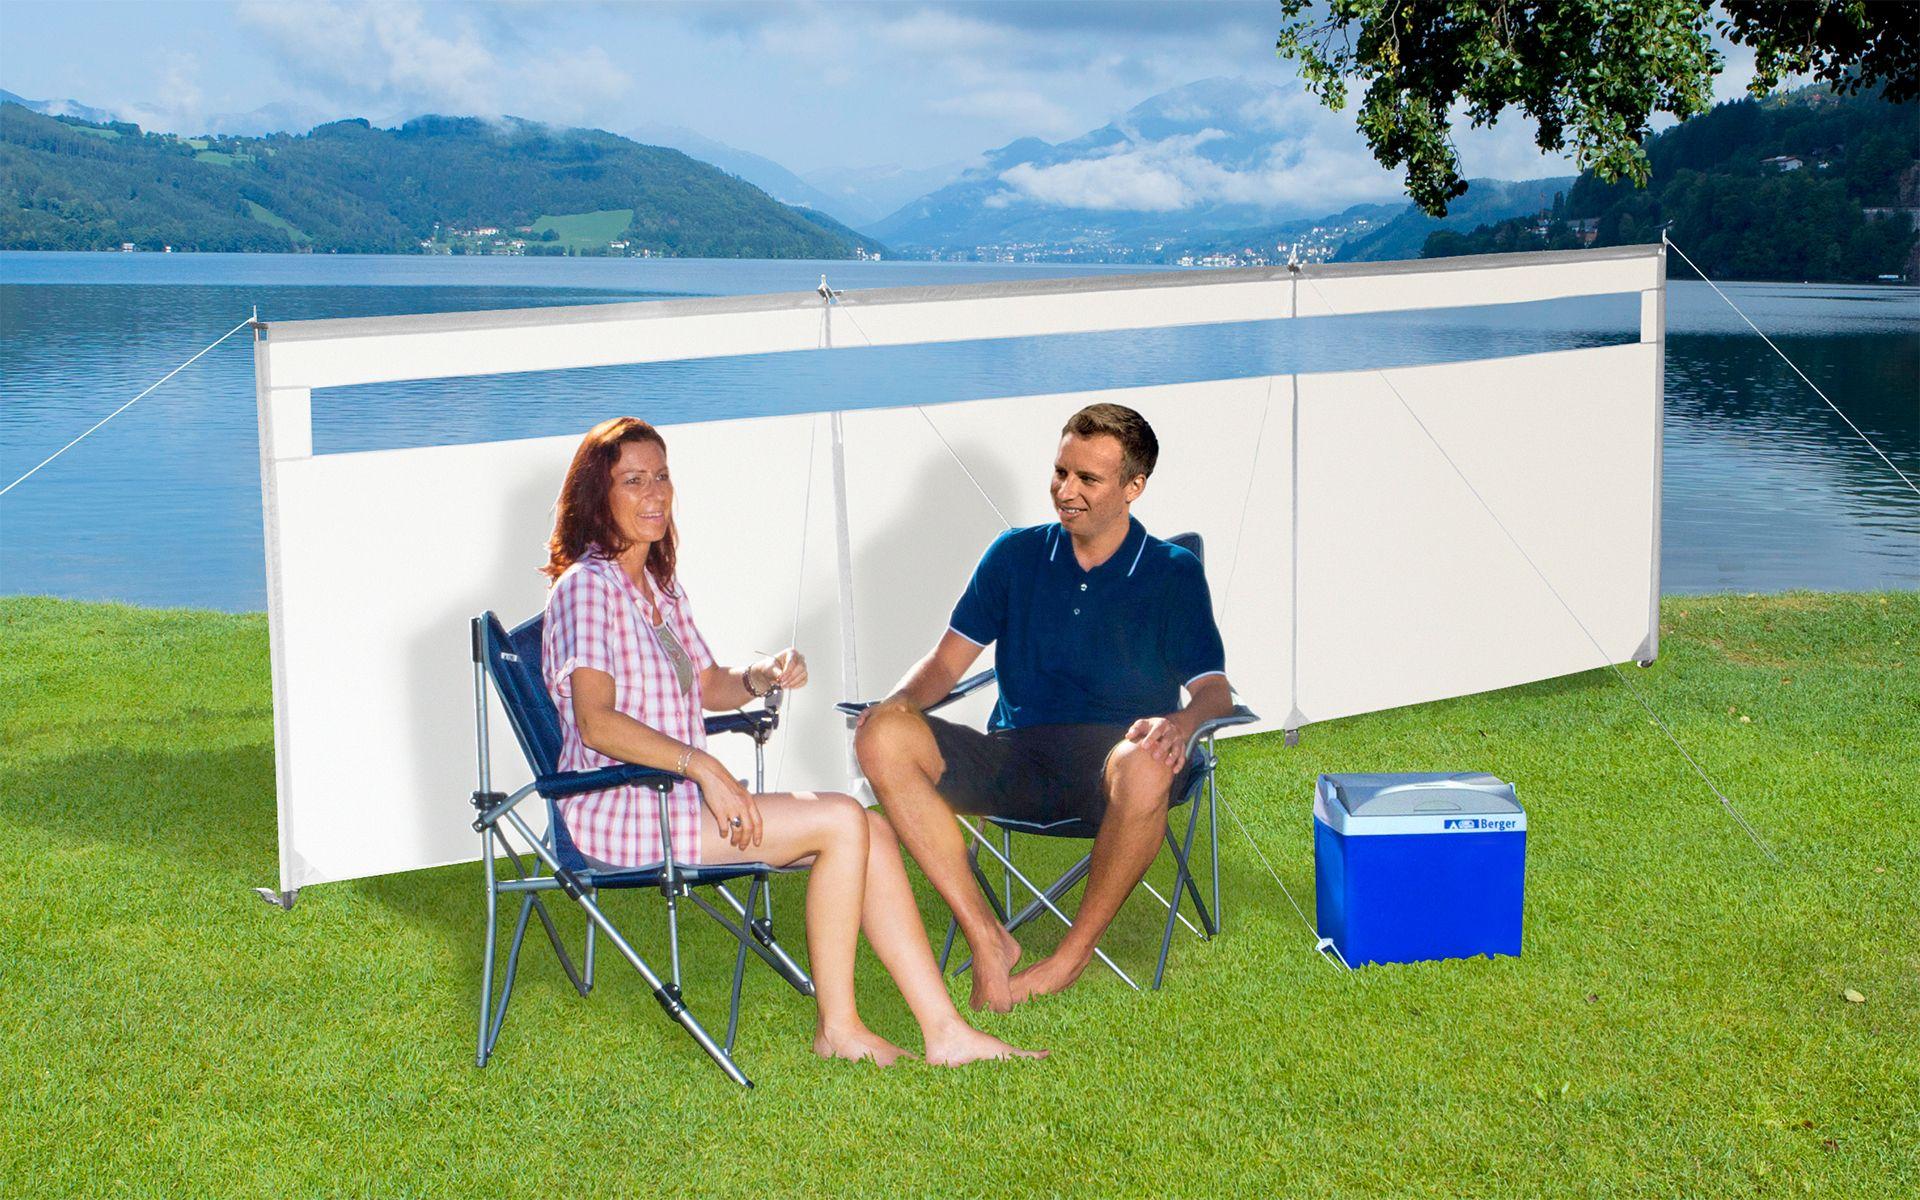 Windschutz Ventana Mit Fenster 04036231020315 Angenehmer